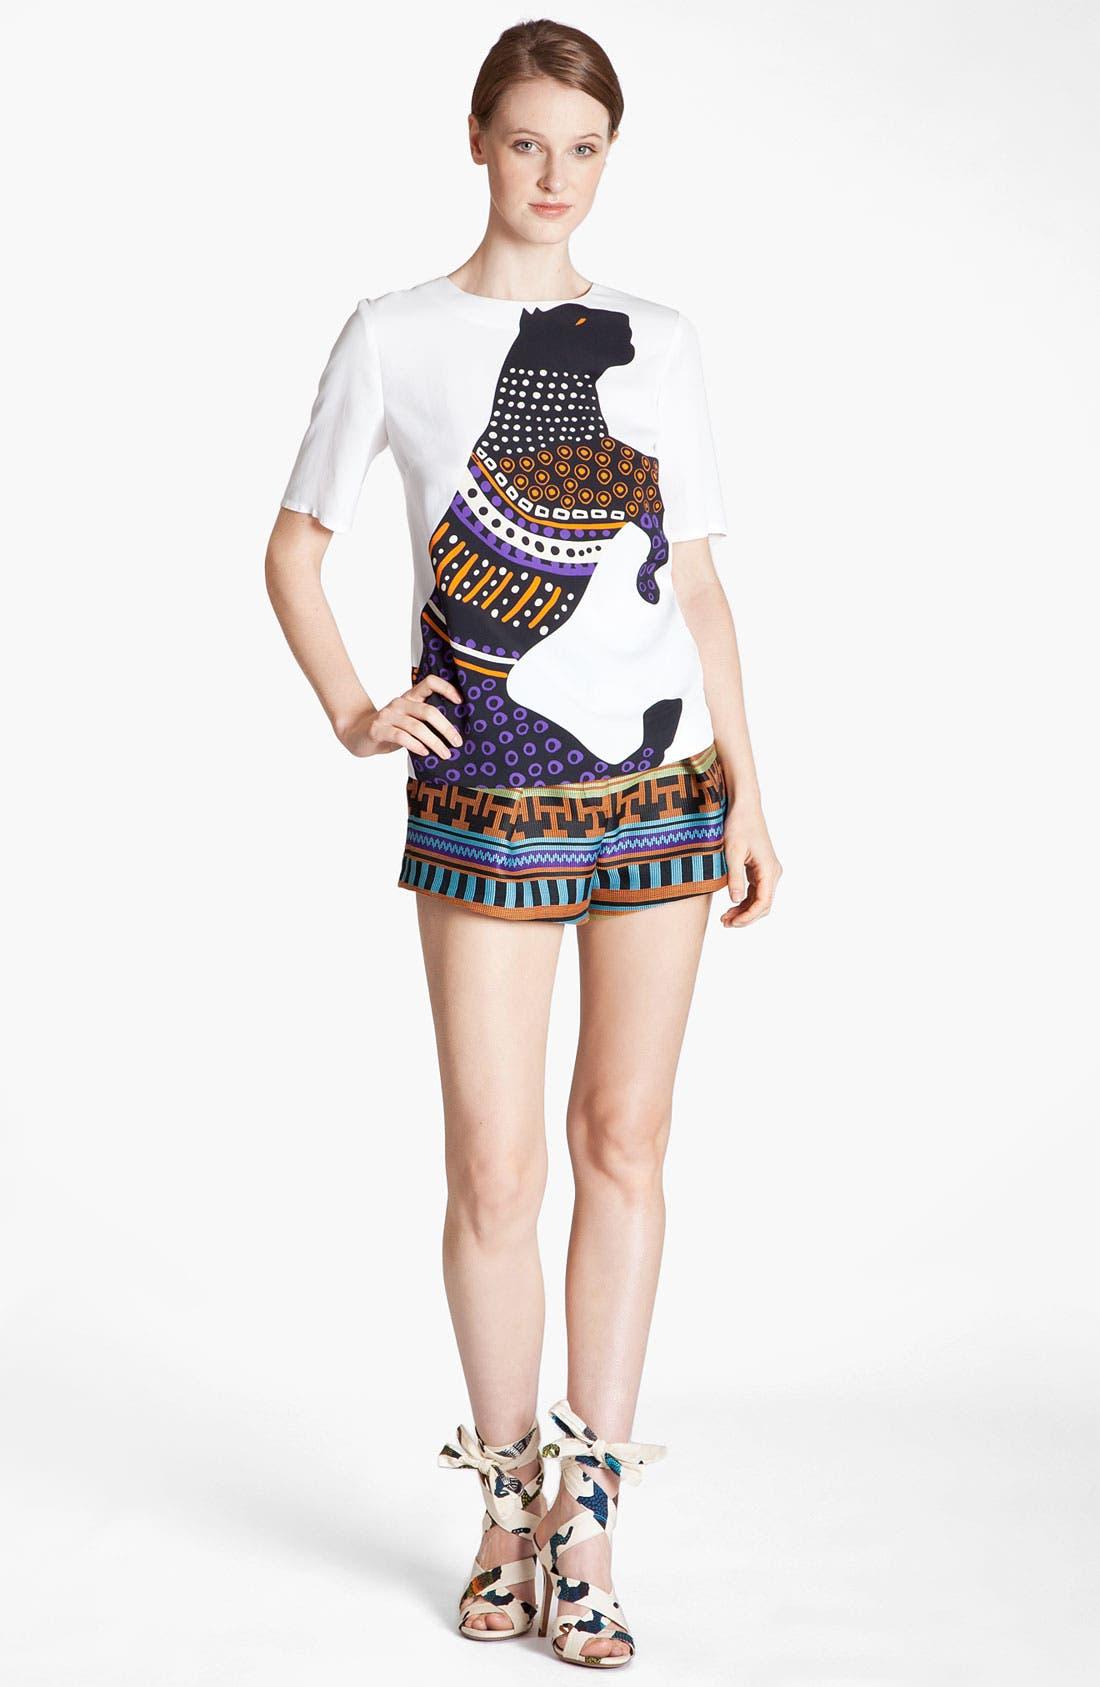 Main Image - MSGM Top & Shorts